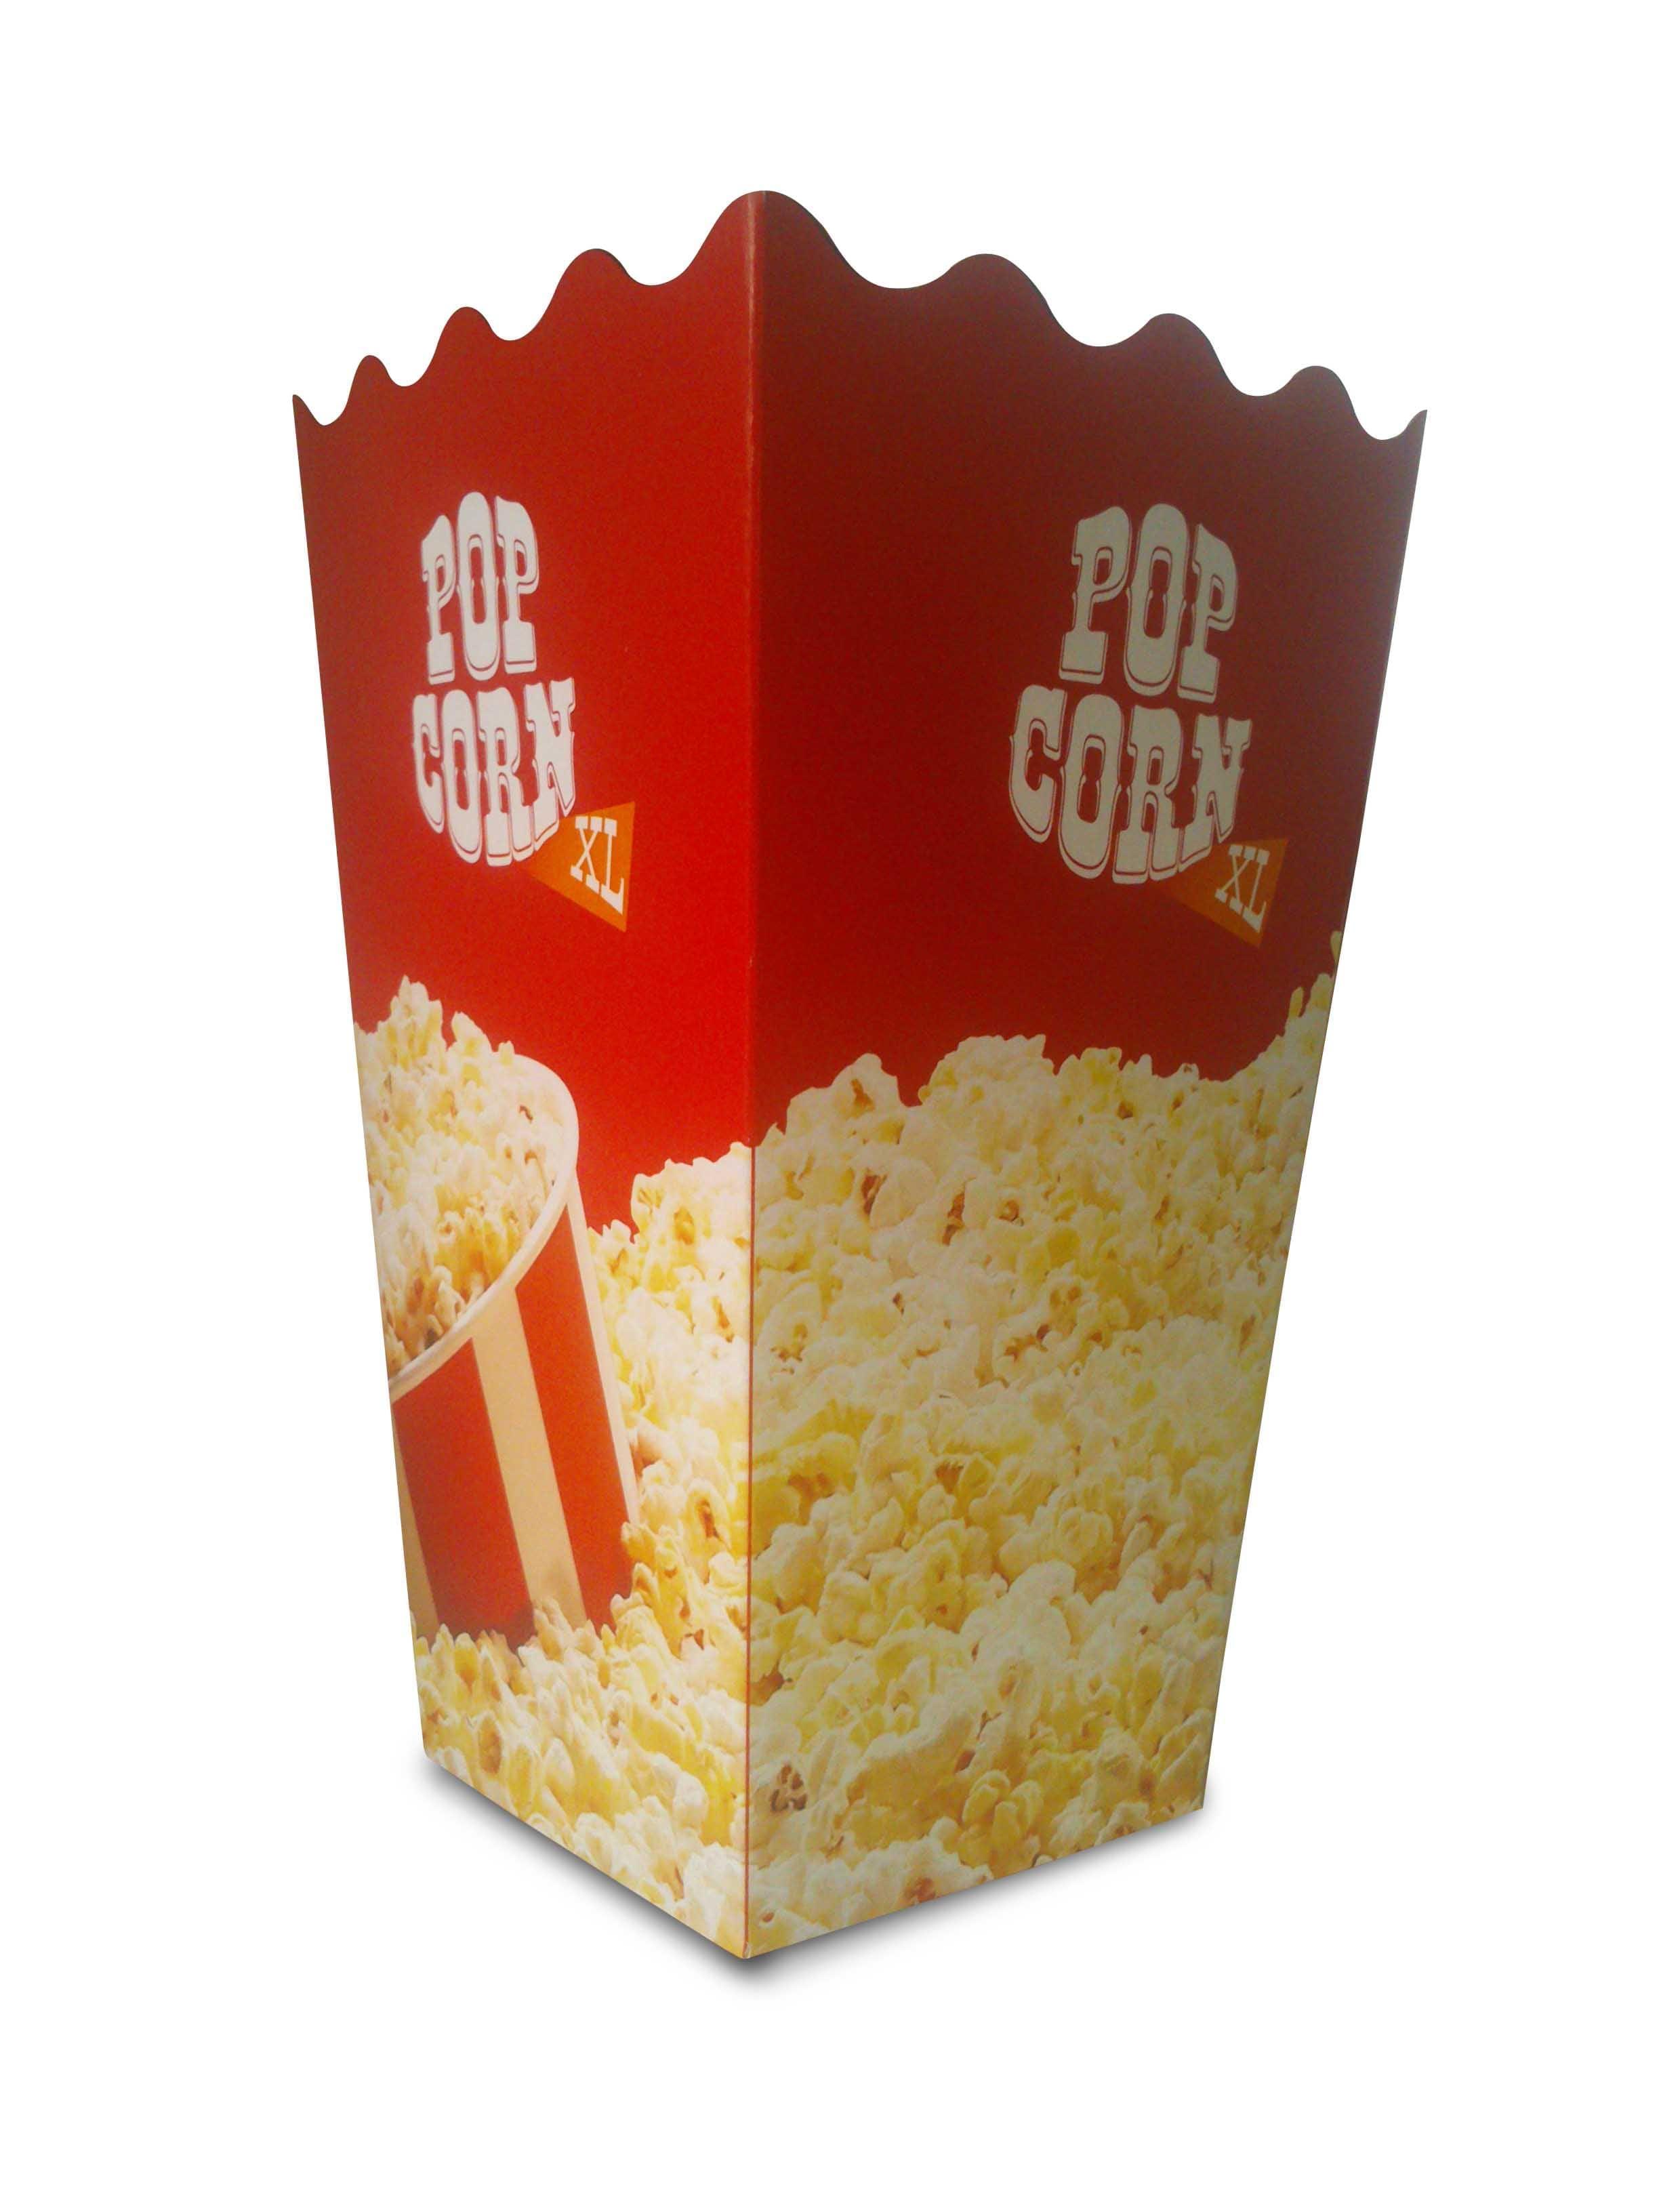 popcorn XL